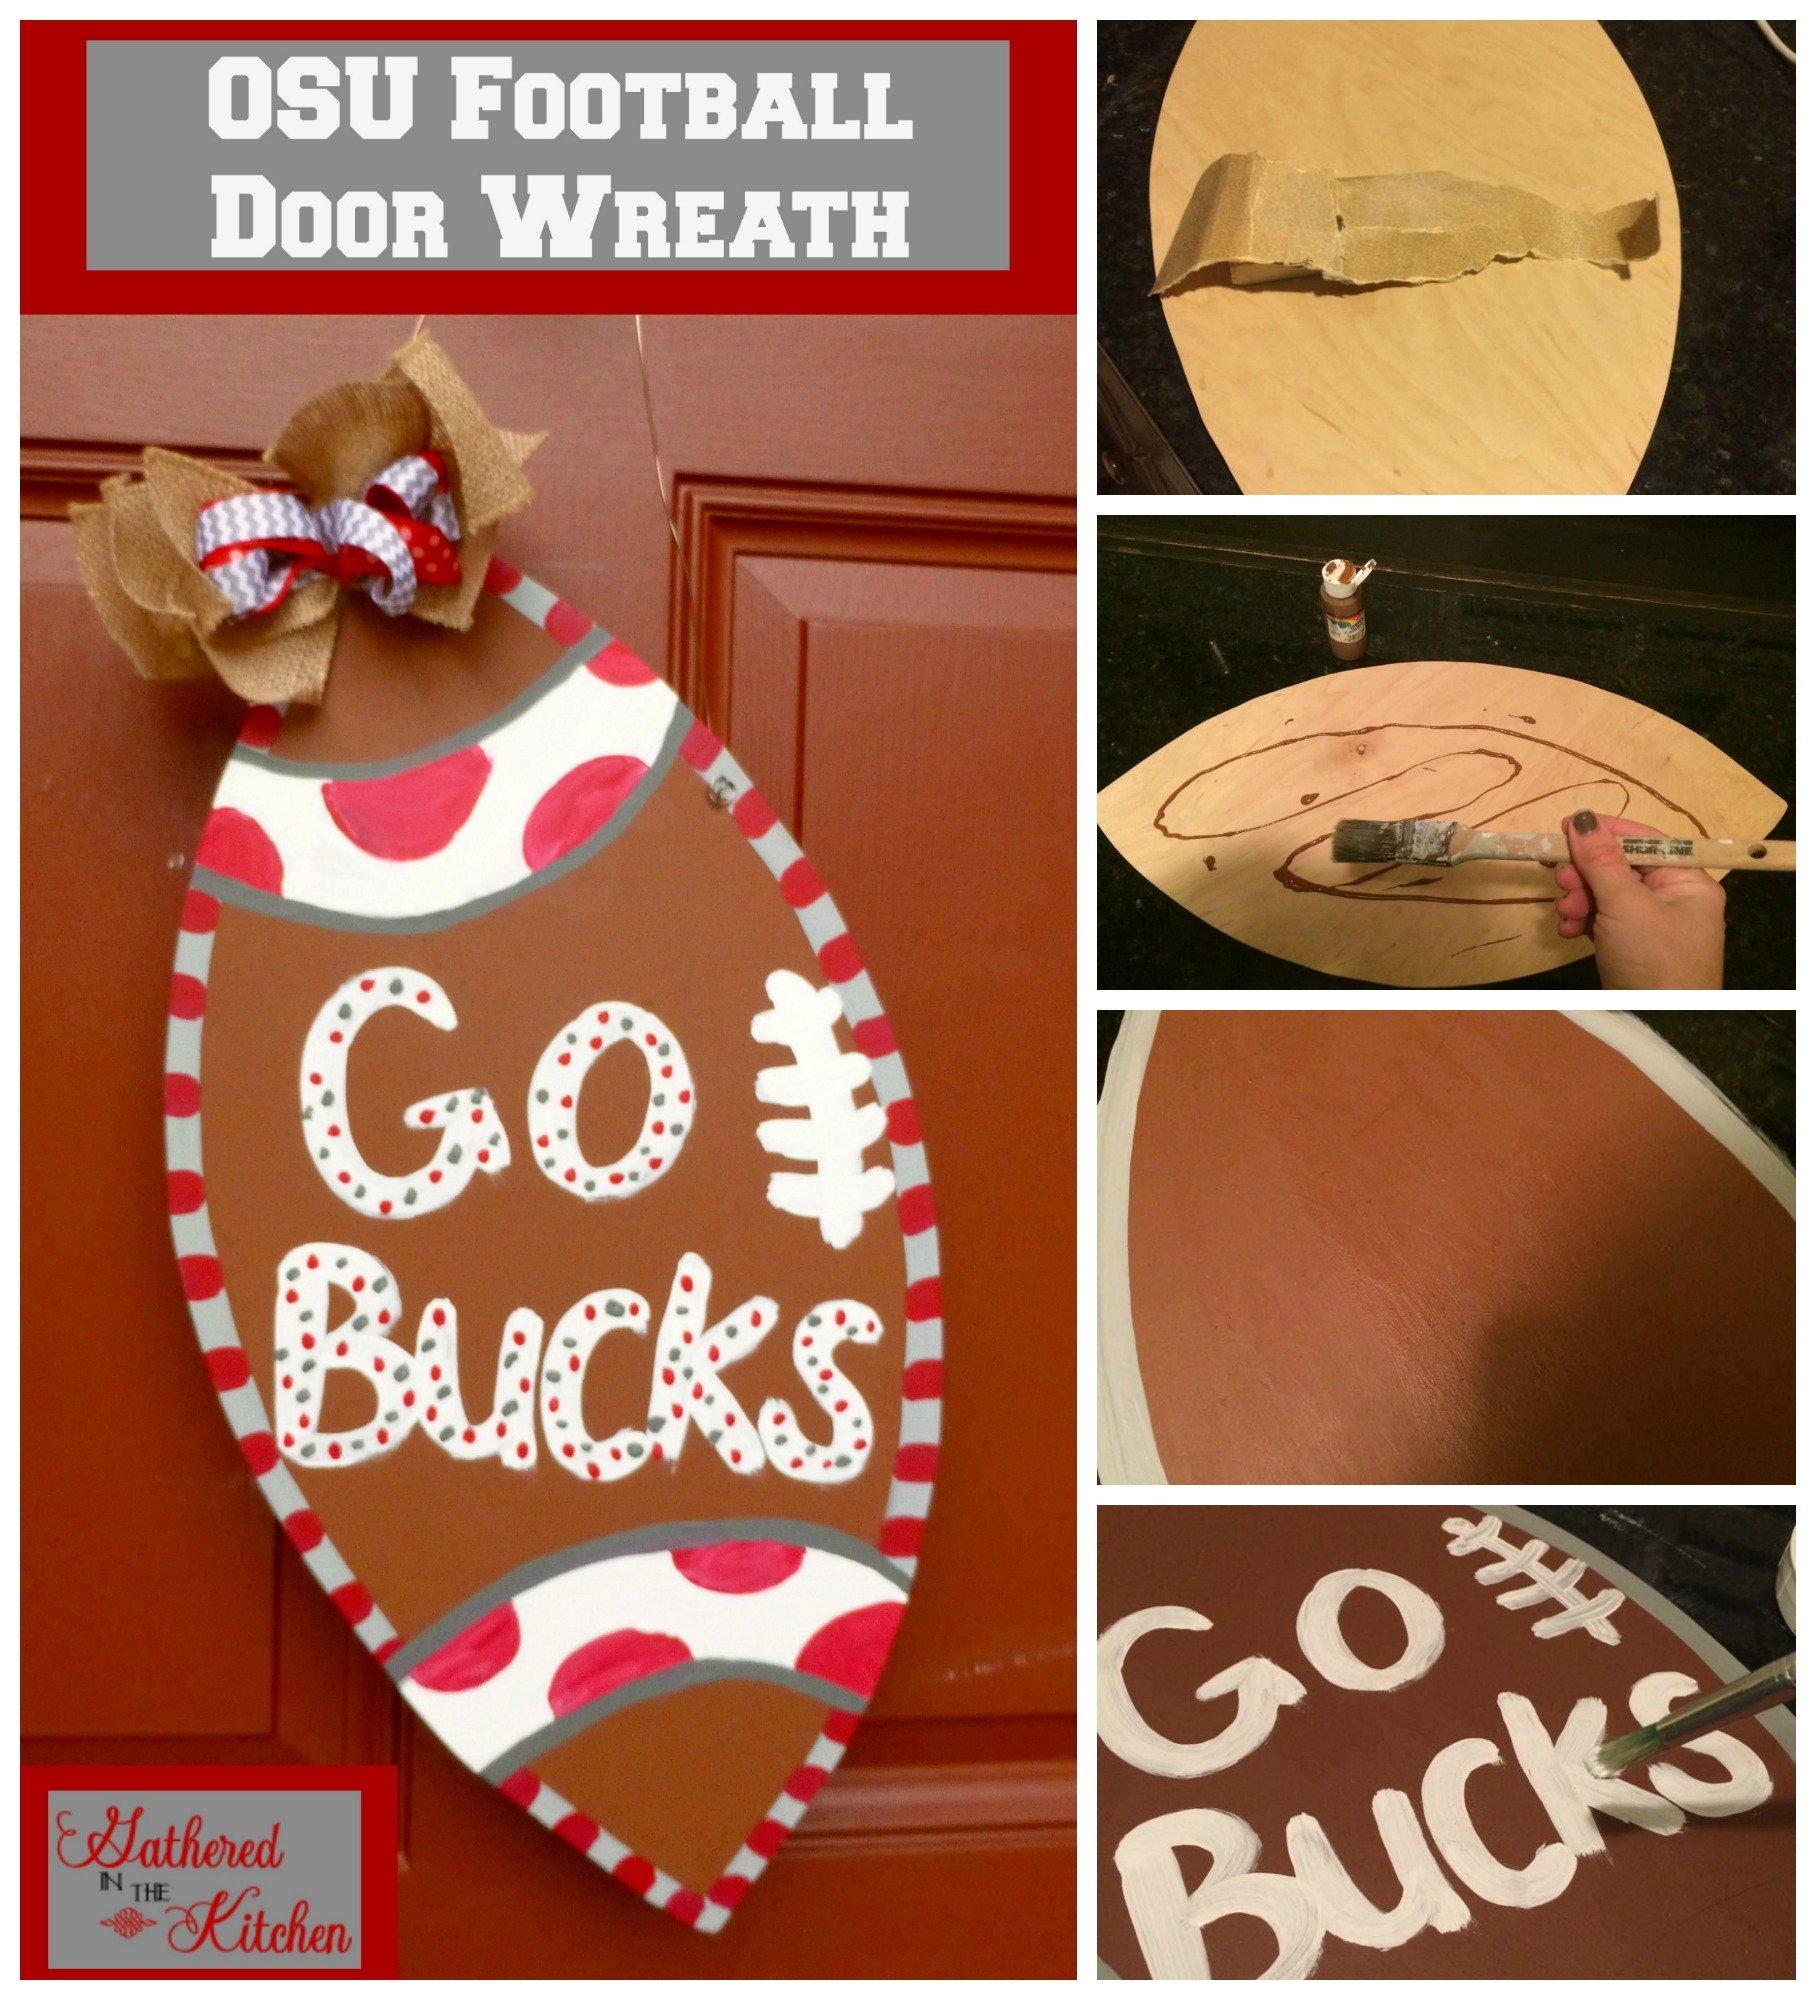 OSU football door wreath - 3